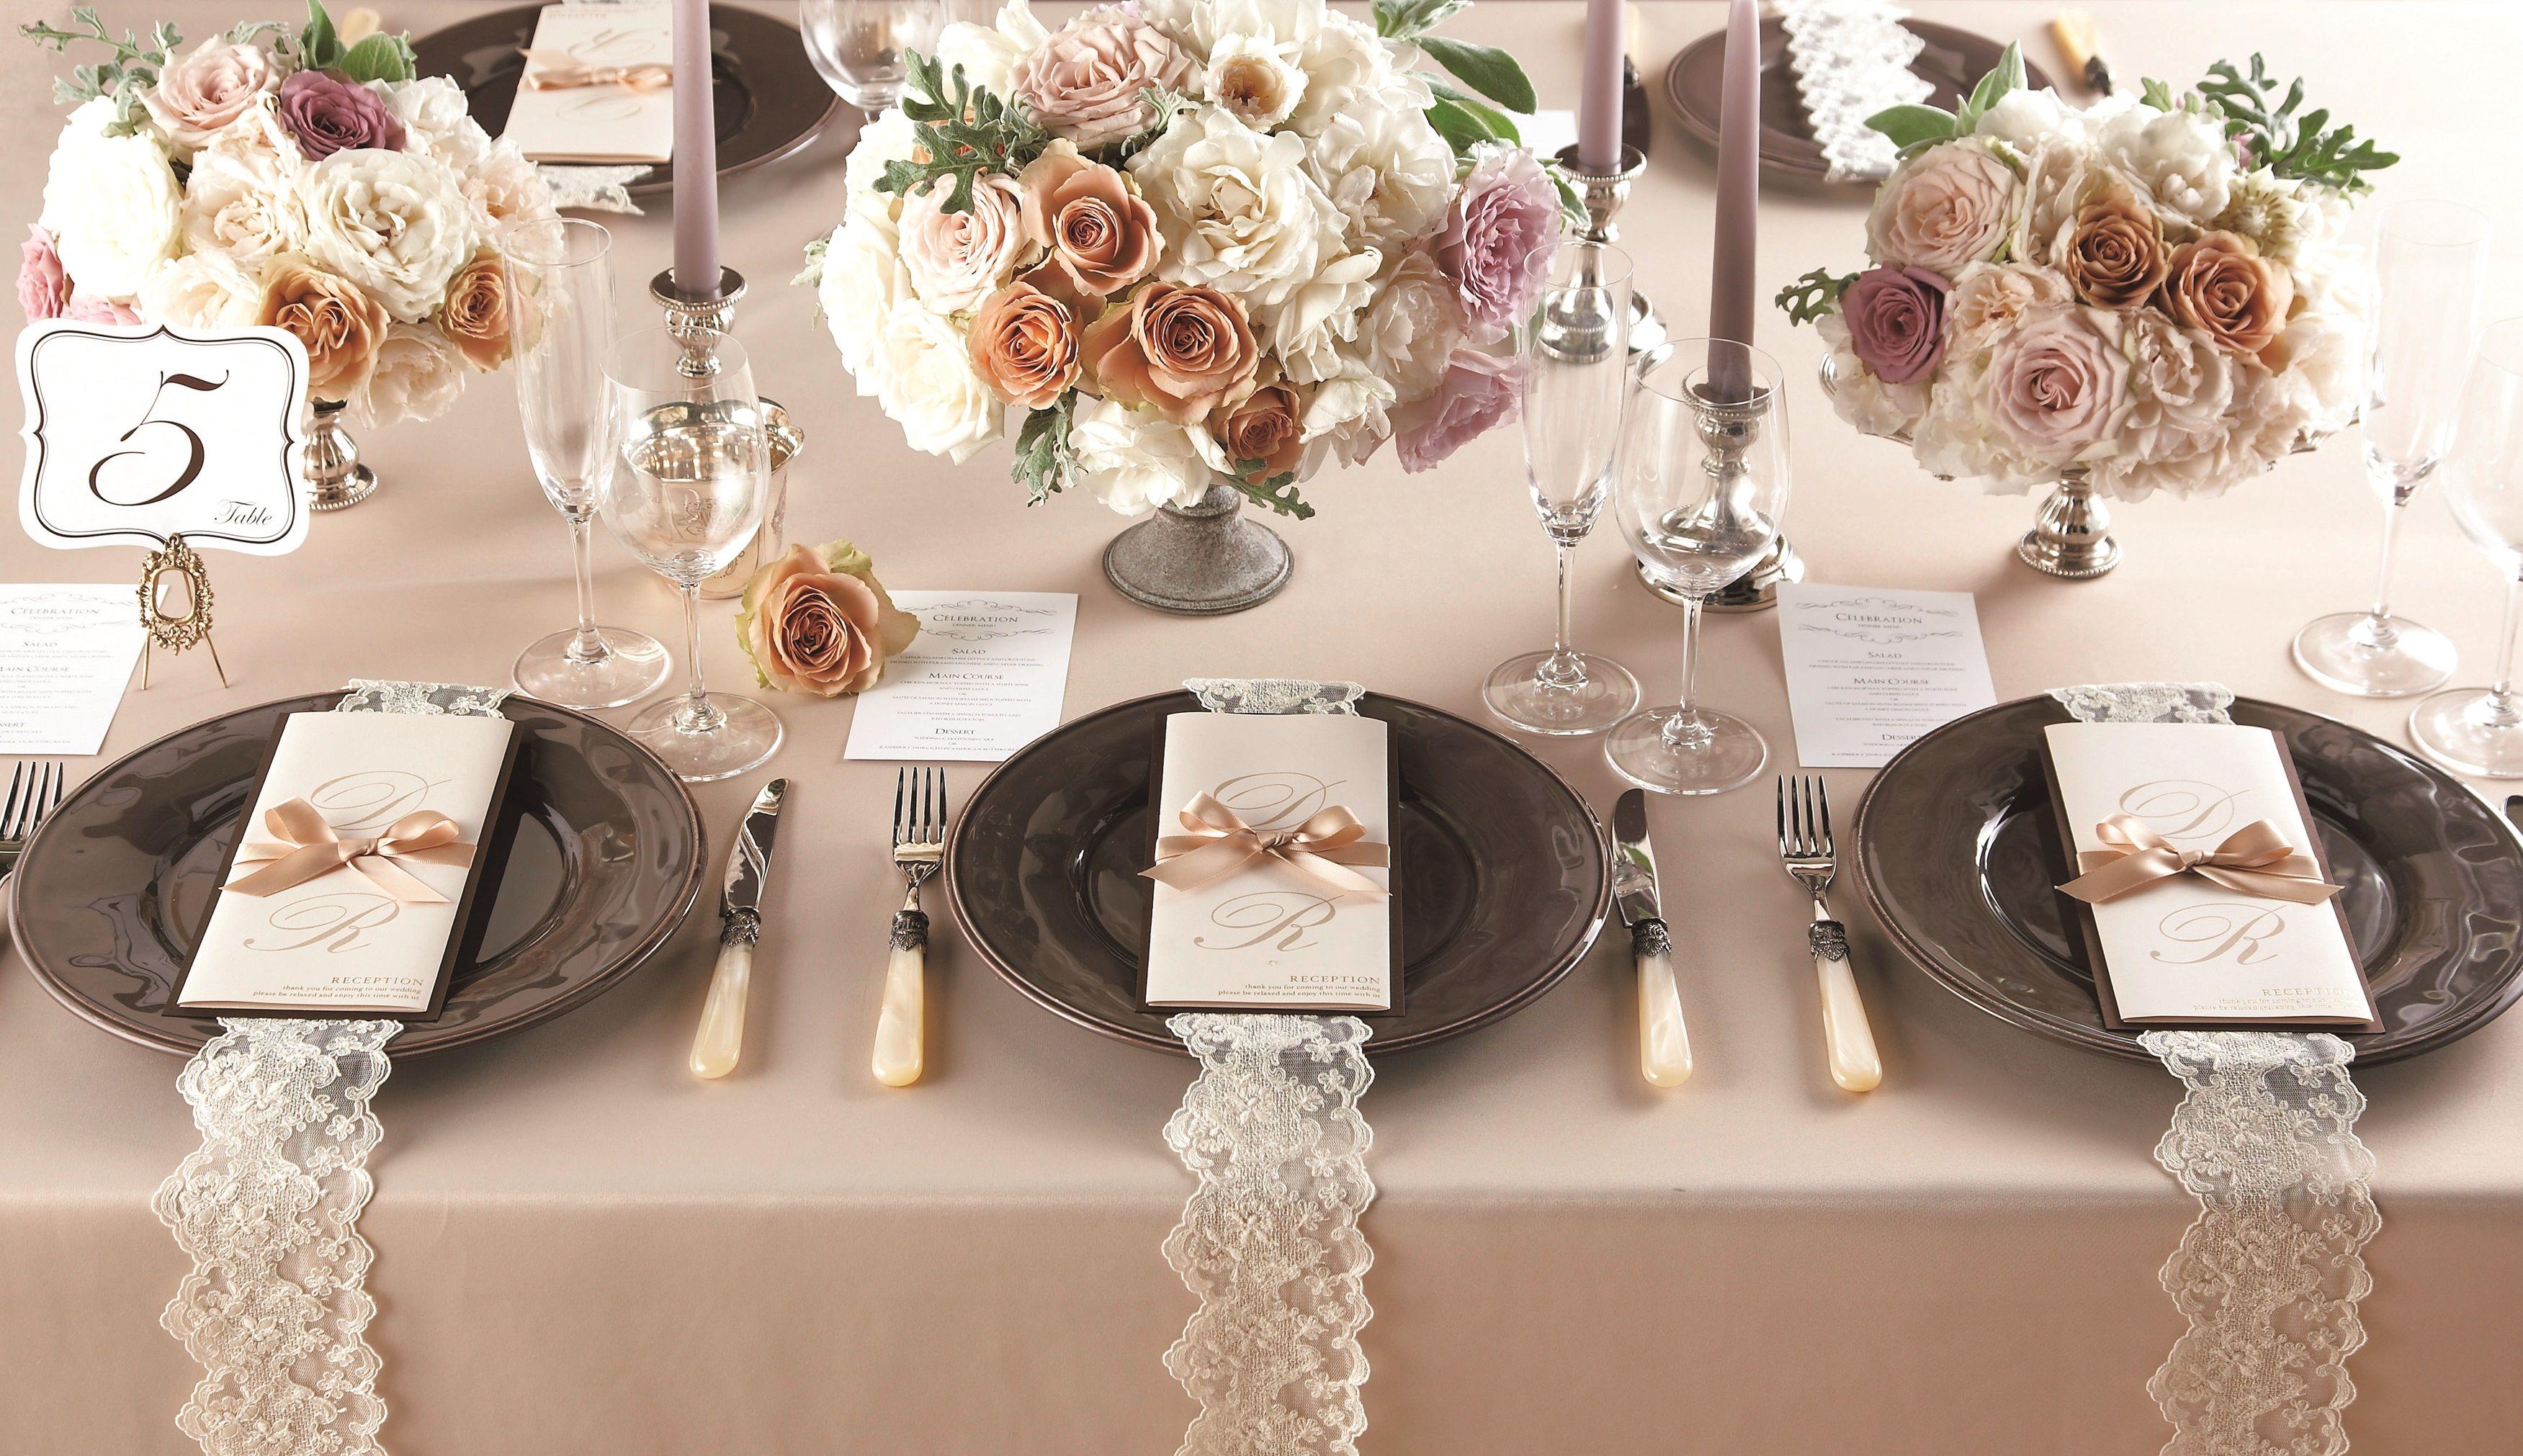 chocolatier/Paper item/Wedding